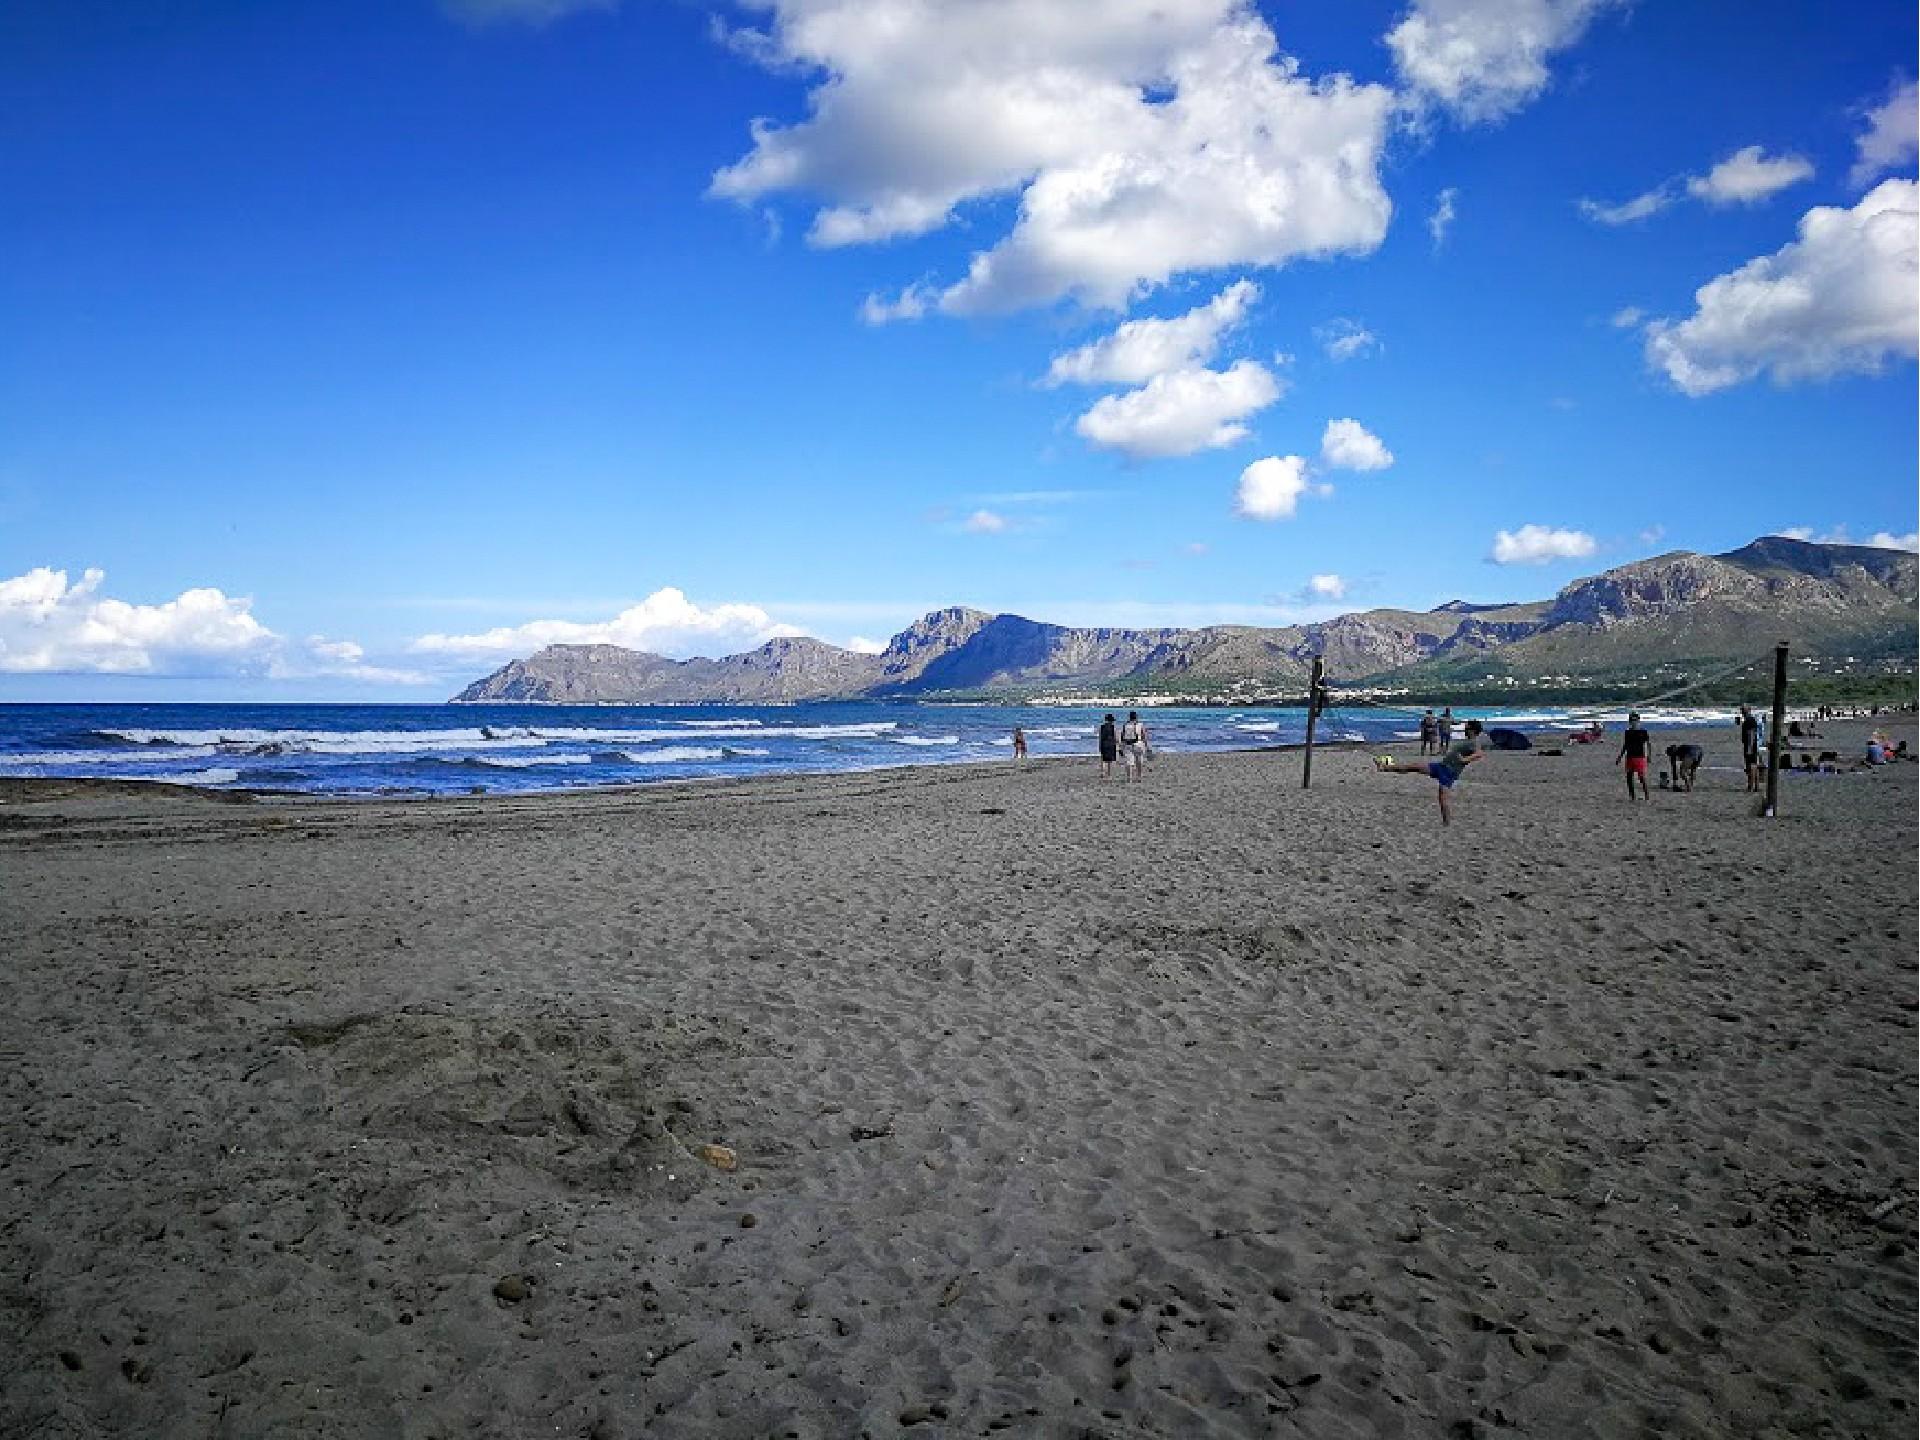 Surfařská písečná pláž na Mallorce Son Serra de Marina